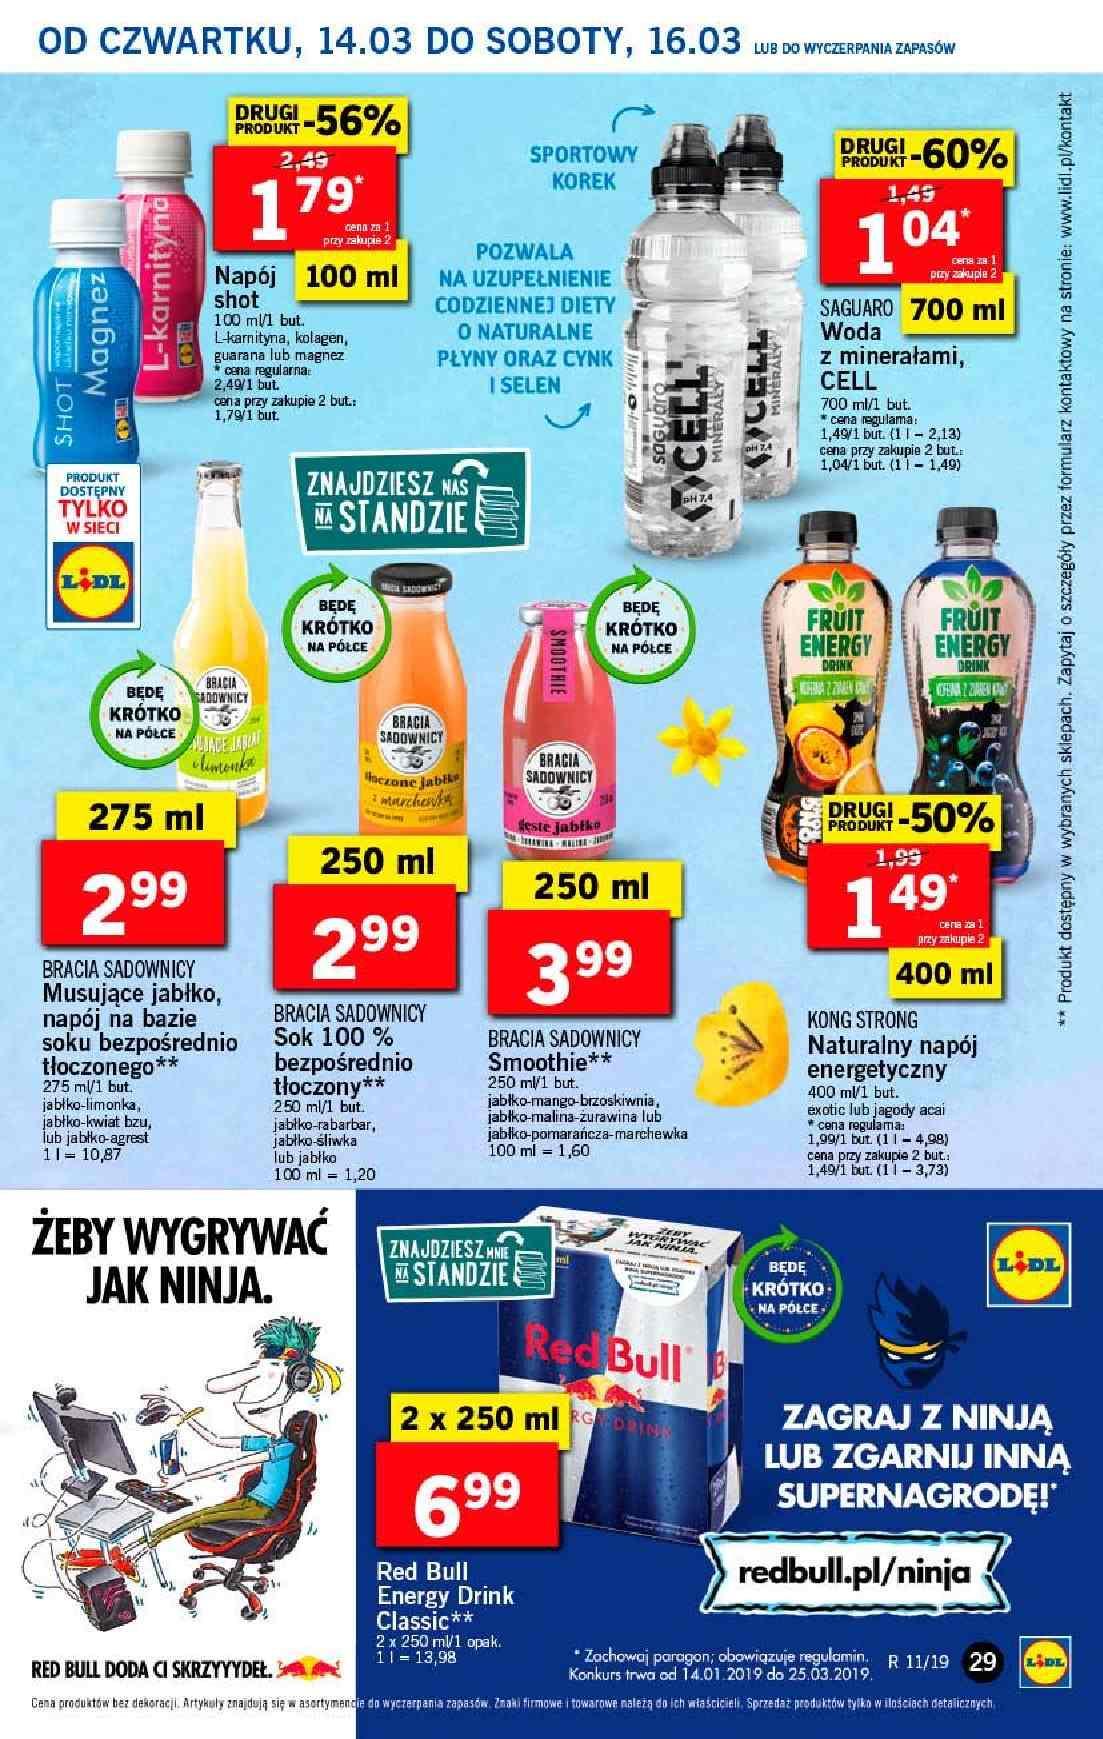 Gazetka promocyjna Lidl do 17/03/2019 str.29